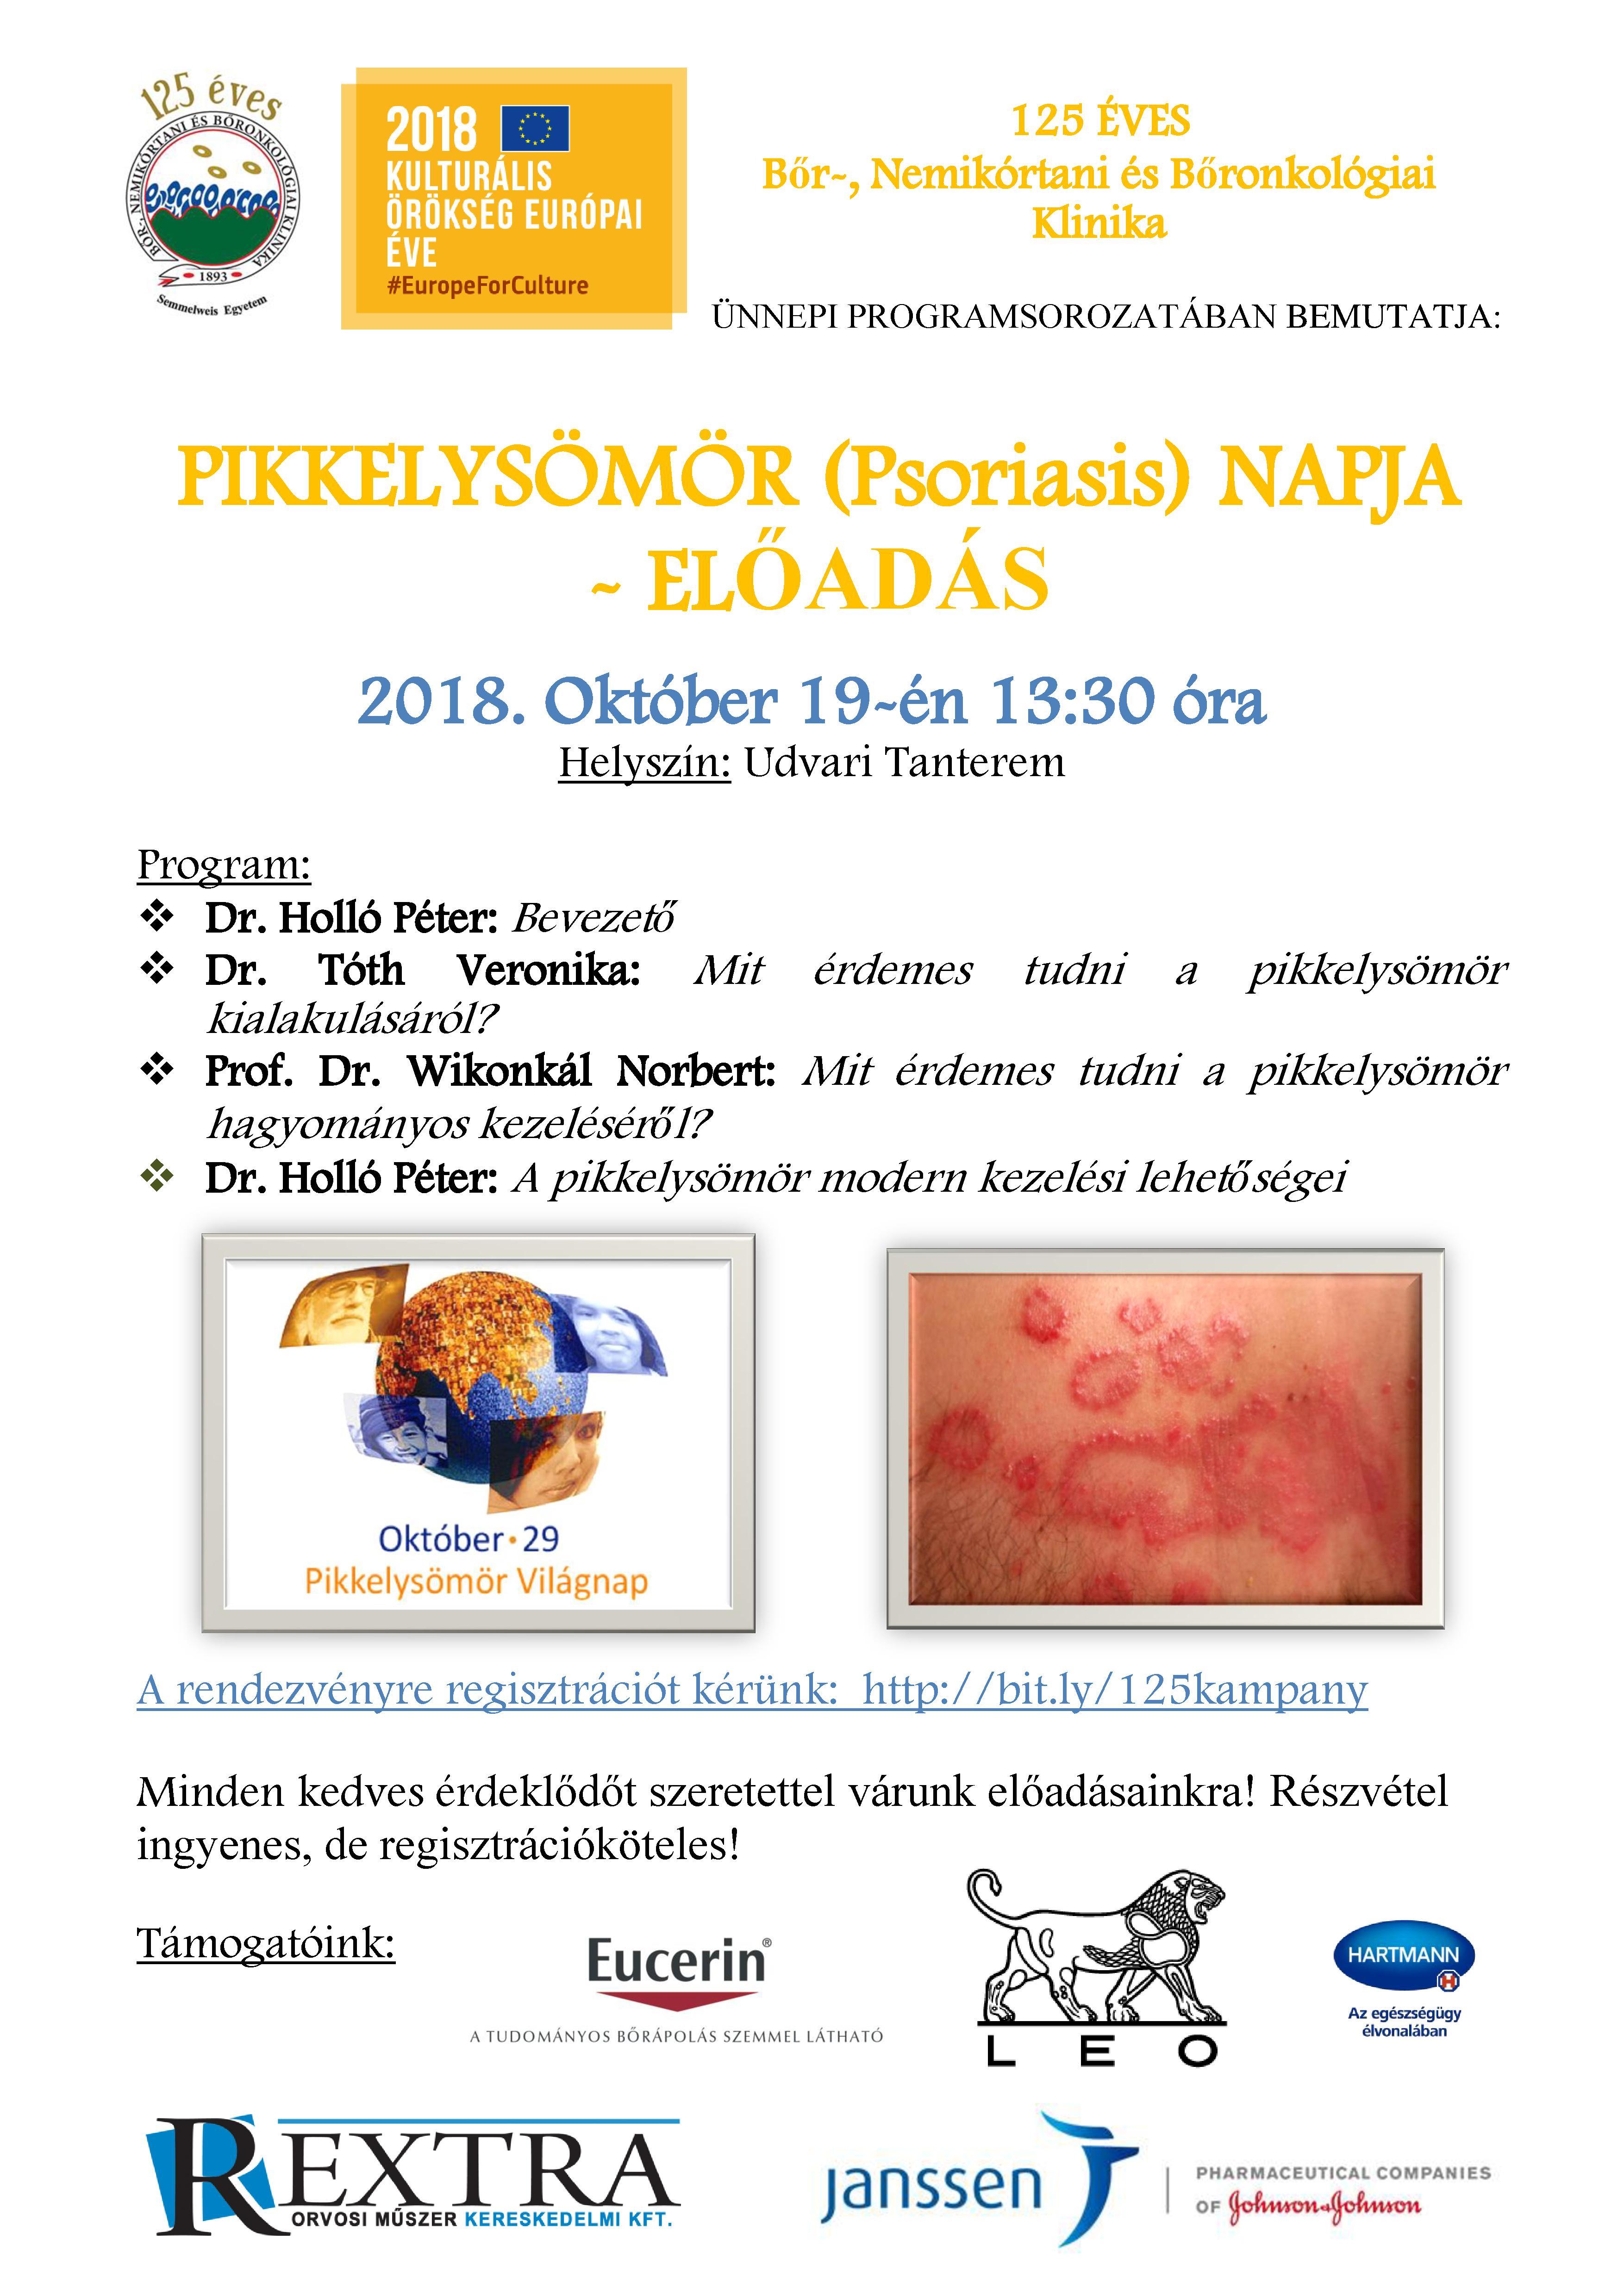 szegedfloorball.hu - Pikkelysömörös betegek találkozója Budapesten - május